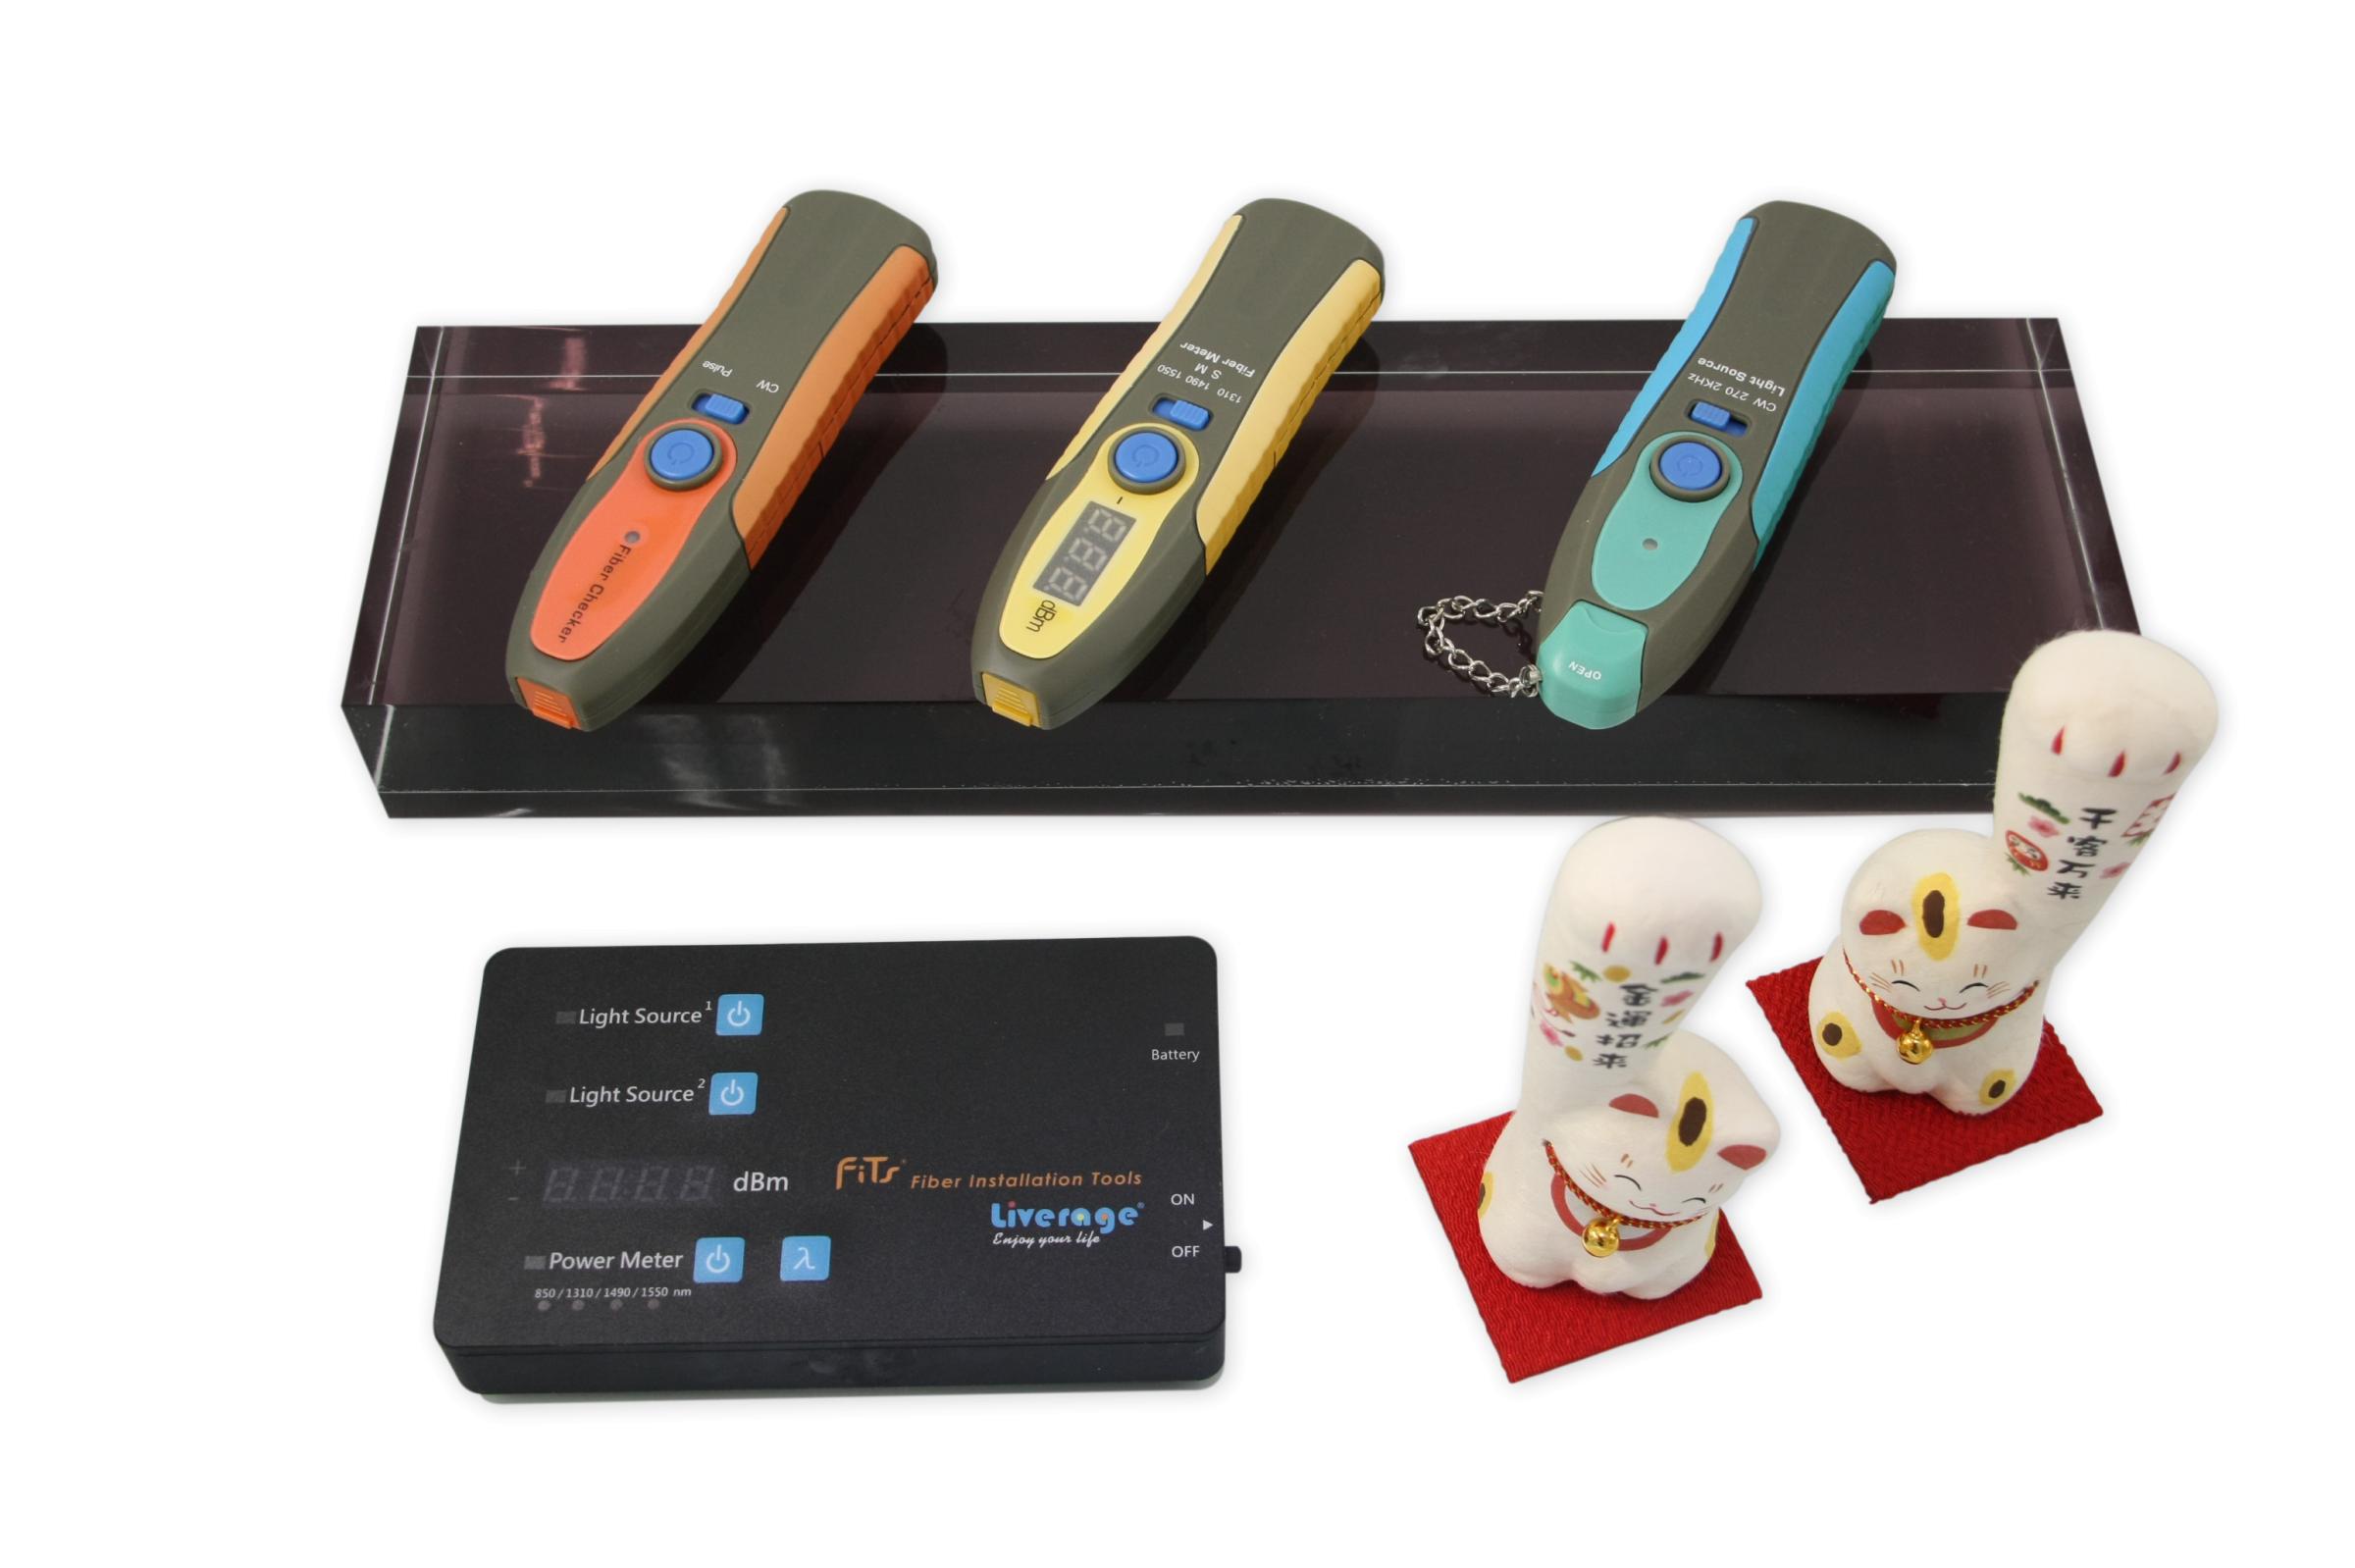 Ferramentas de teste óptico são ferramentas para testar funções de fibra óptica.